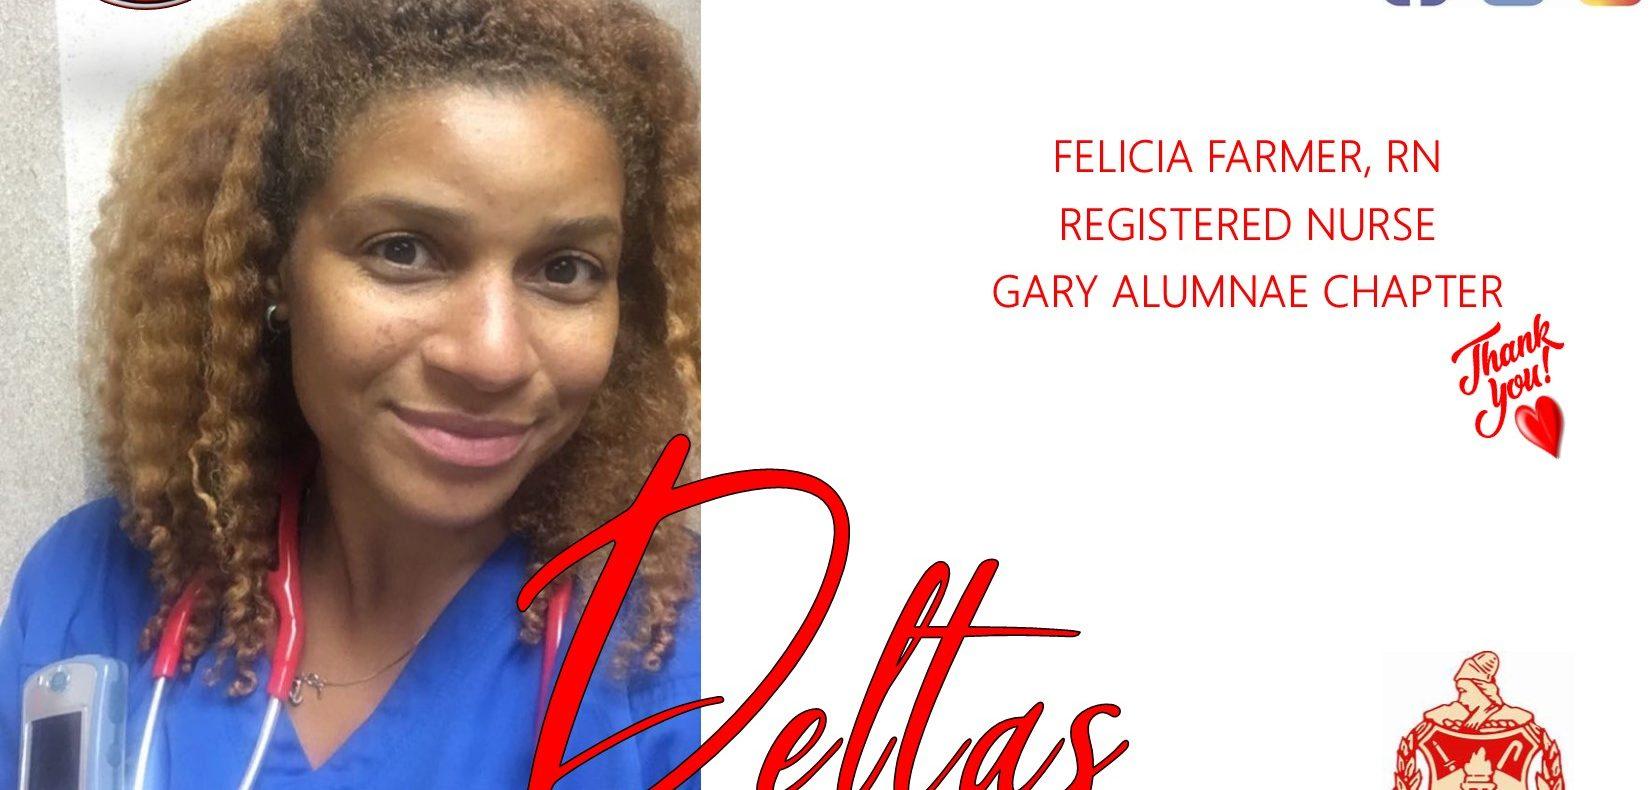 Felicia Farmer, RN